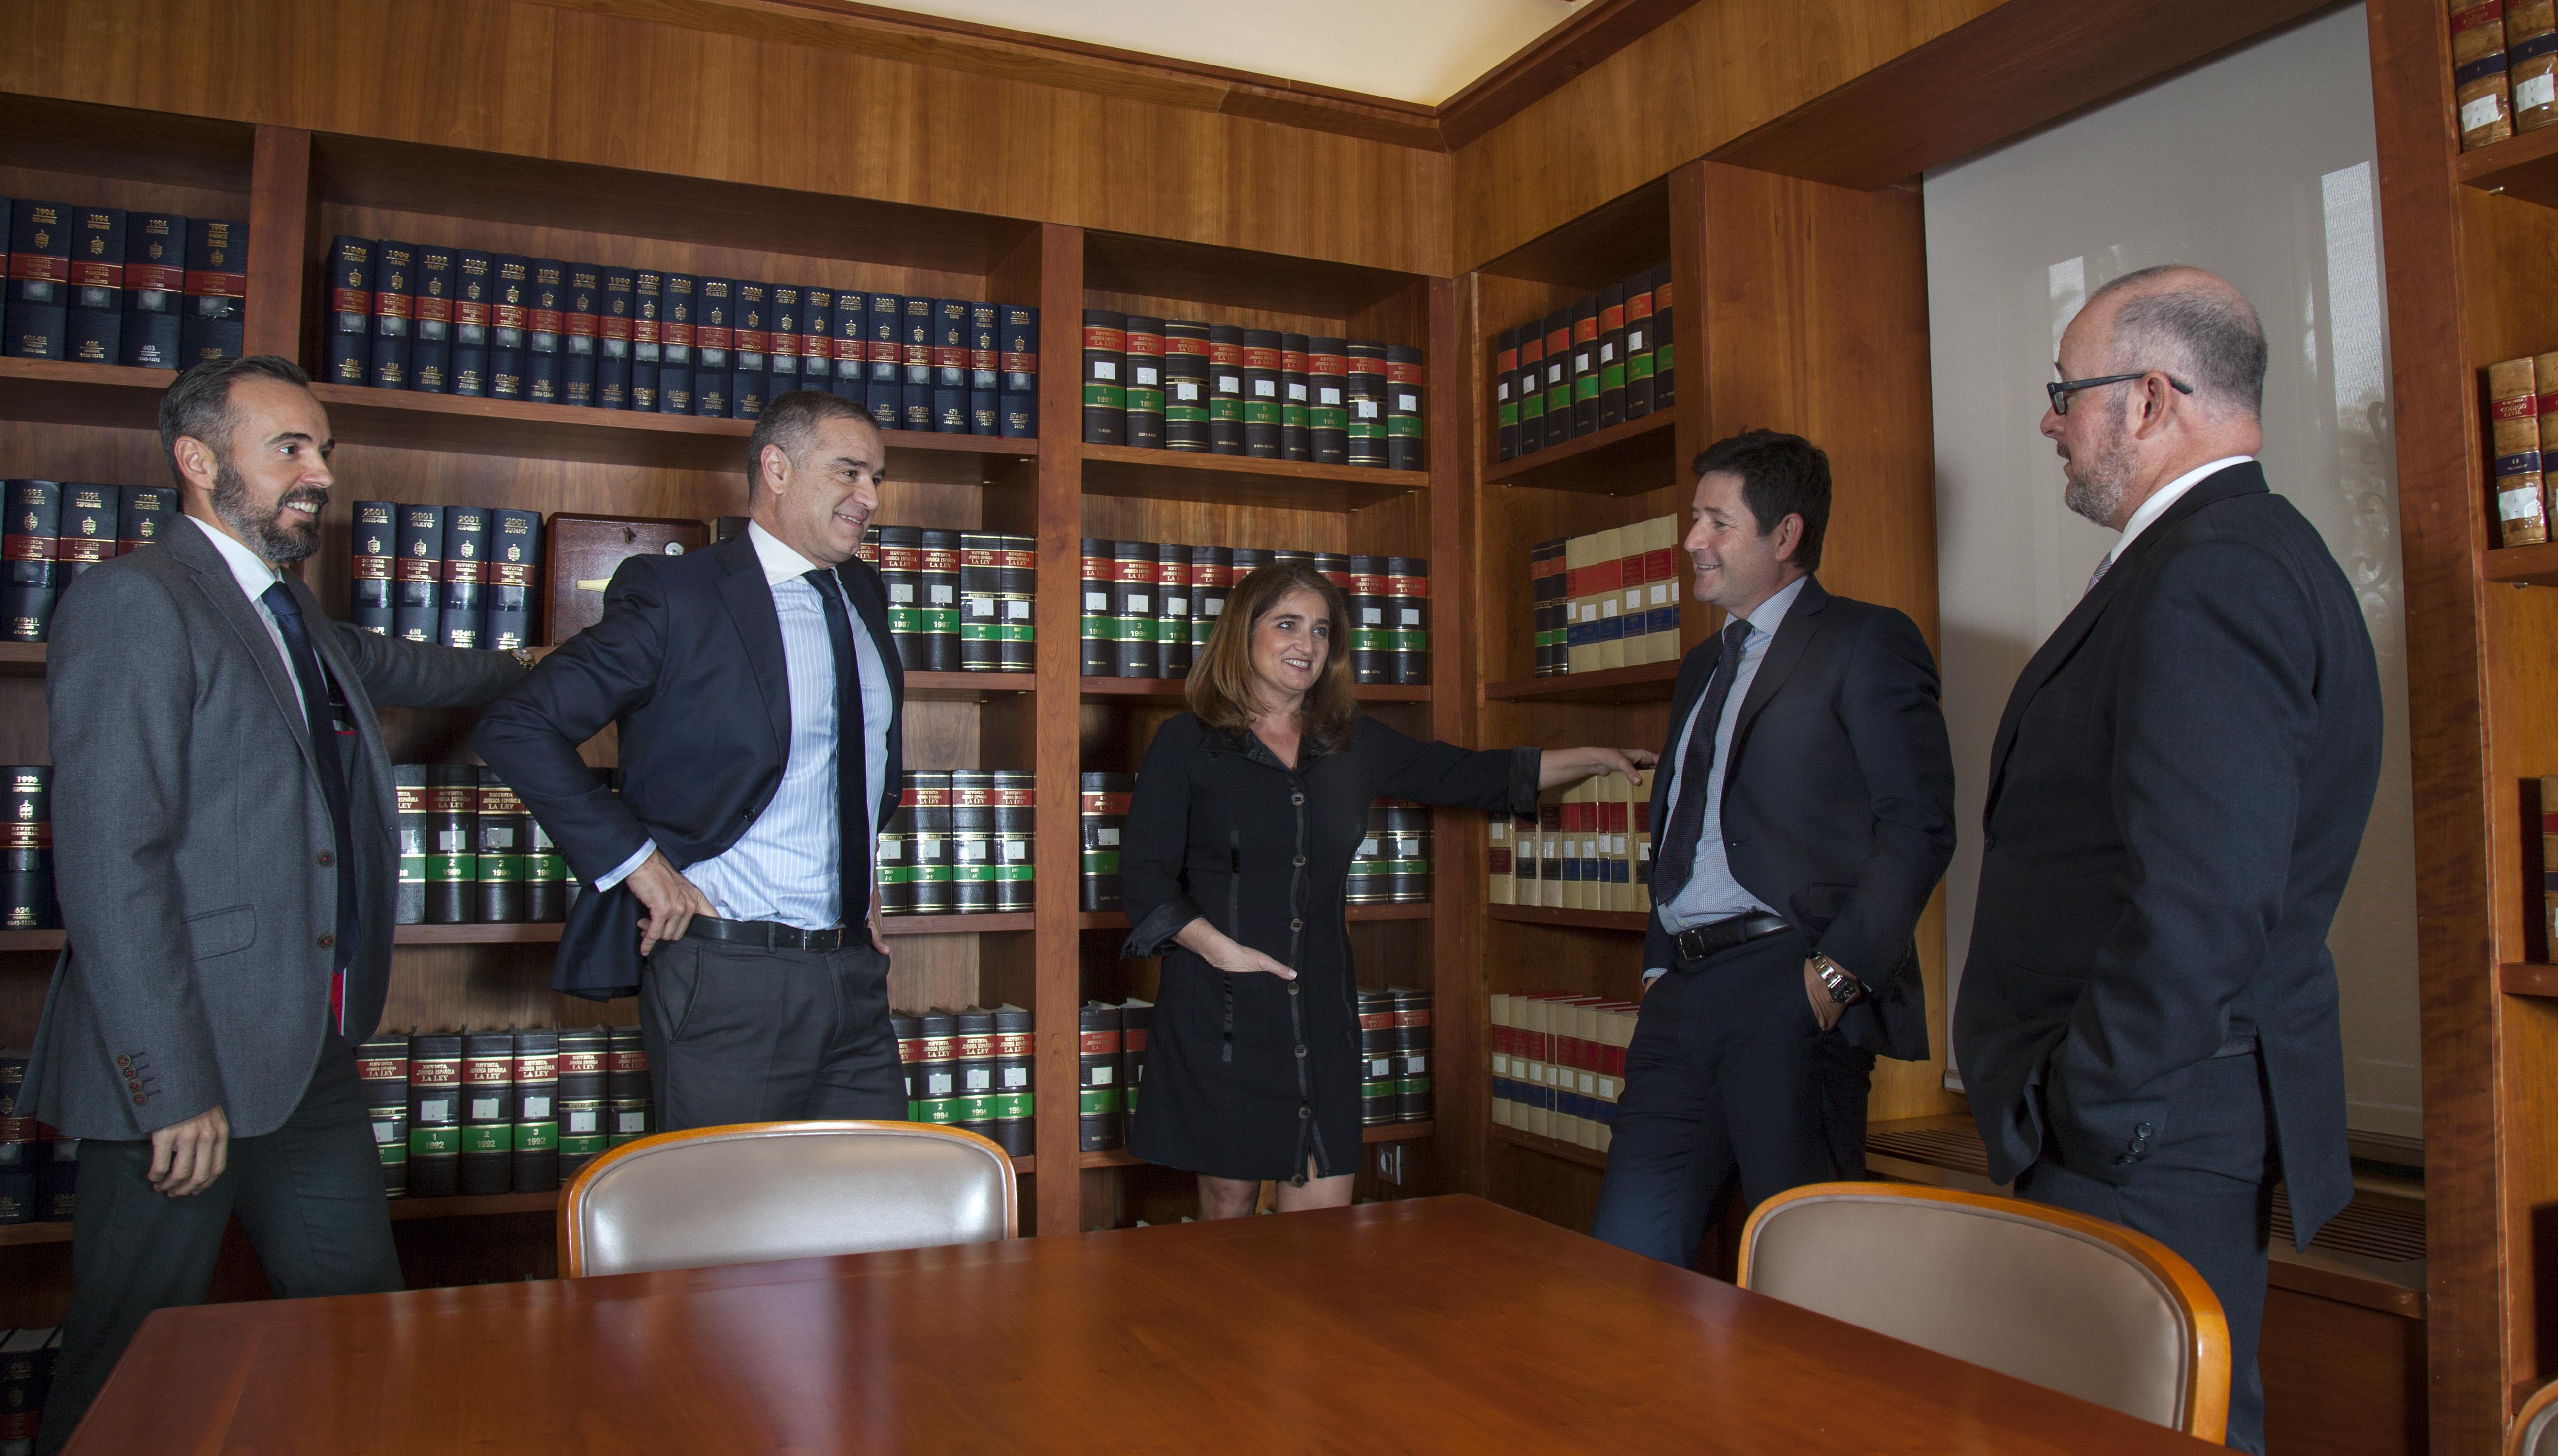 El abogado auditor, al cuidado de tu empresa